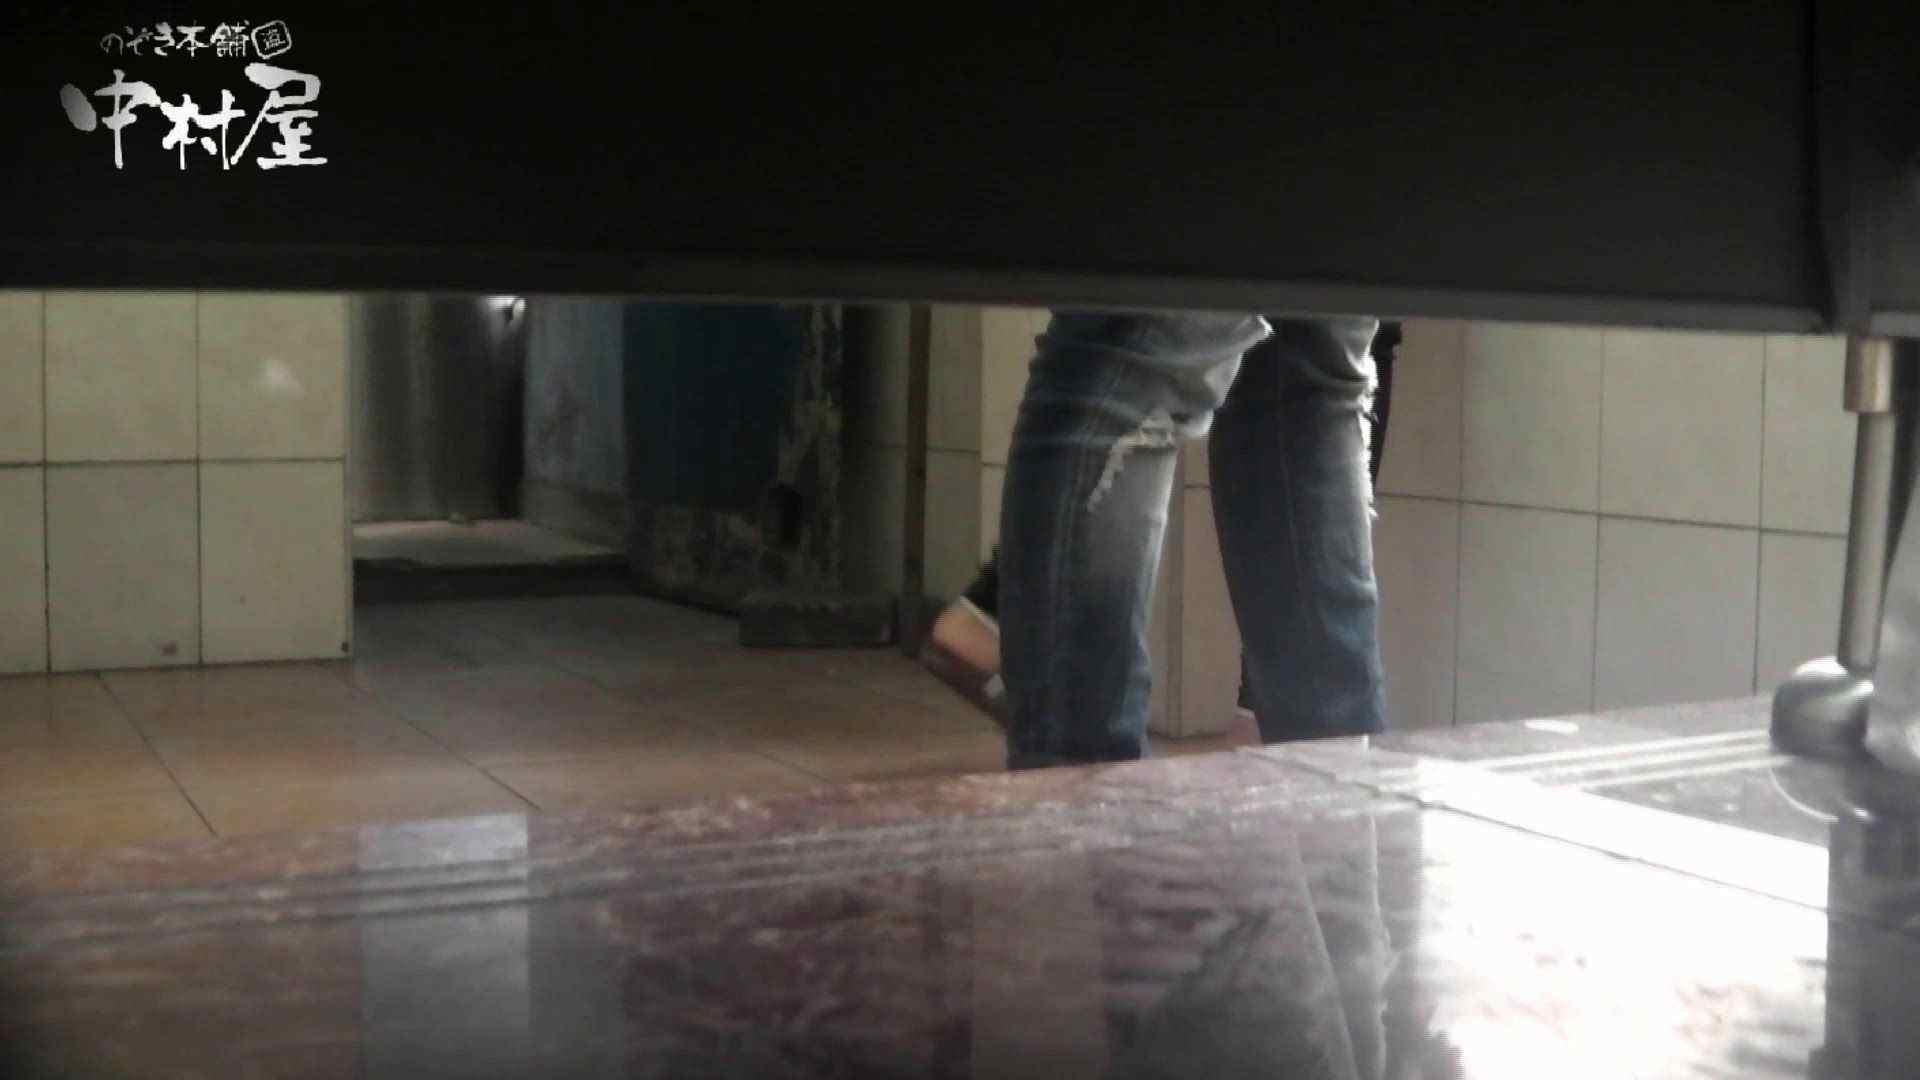 【世界の射窓から~ステーション編~】ステーション編 vol52 我慢して個室に入ったら。||:-)!! 盗撮特集 | おまんこ  79画像 49